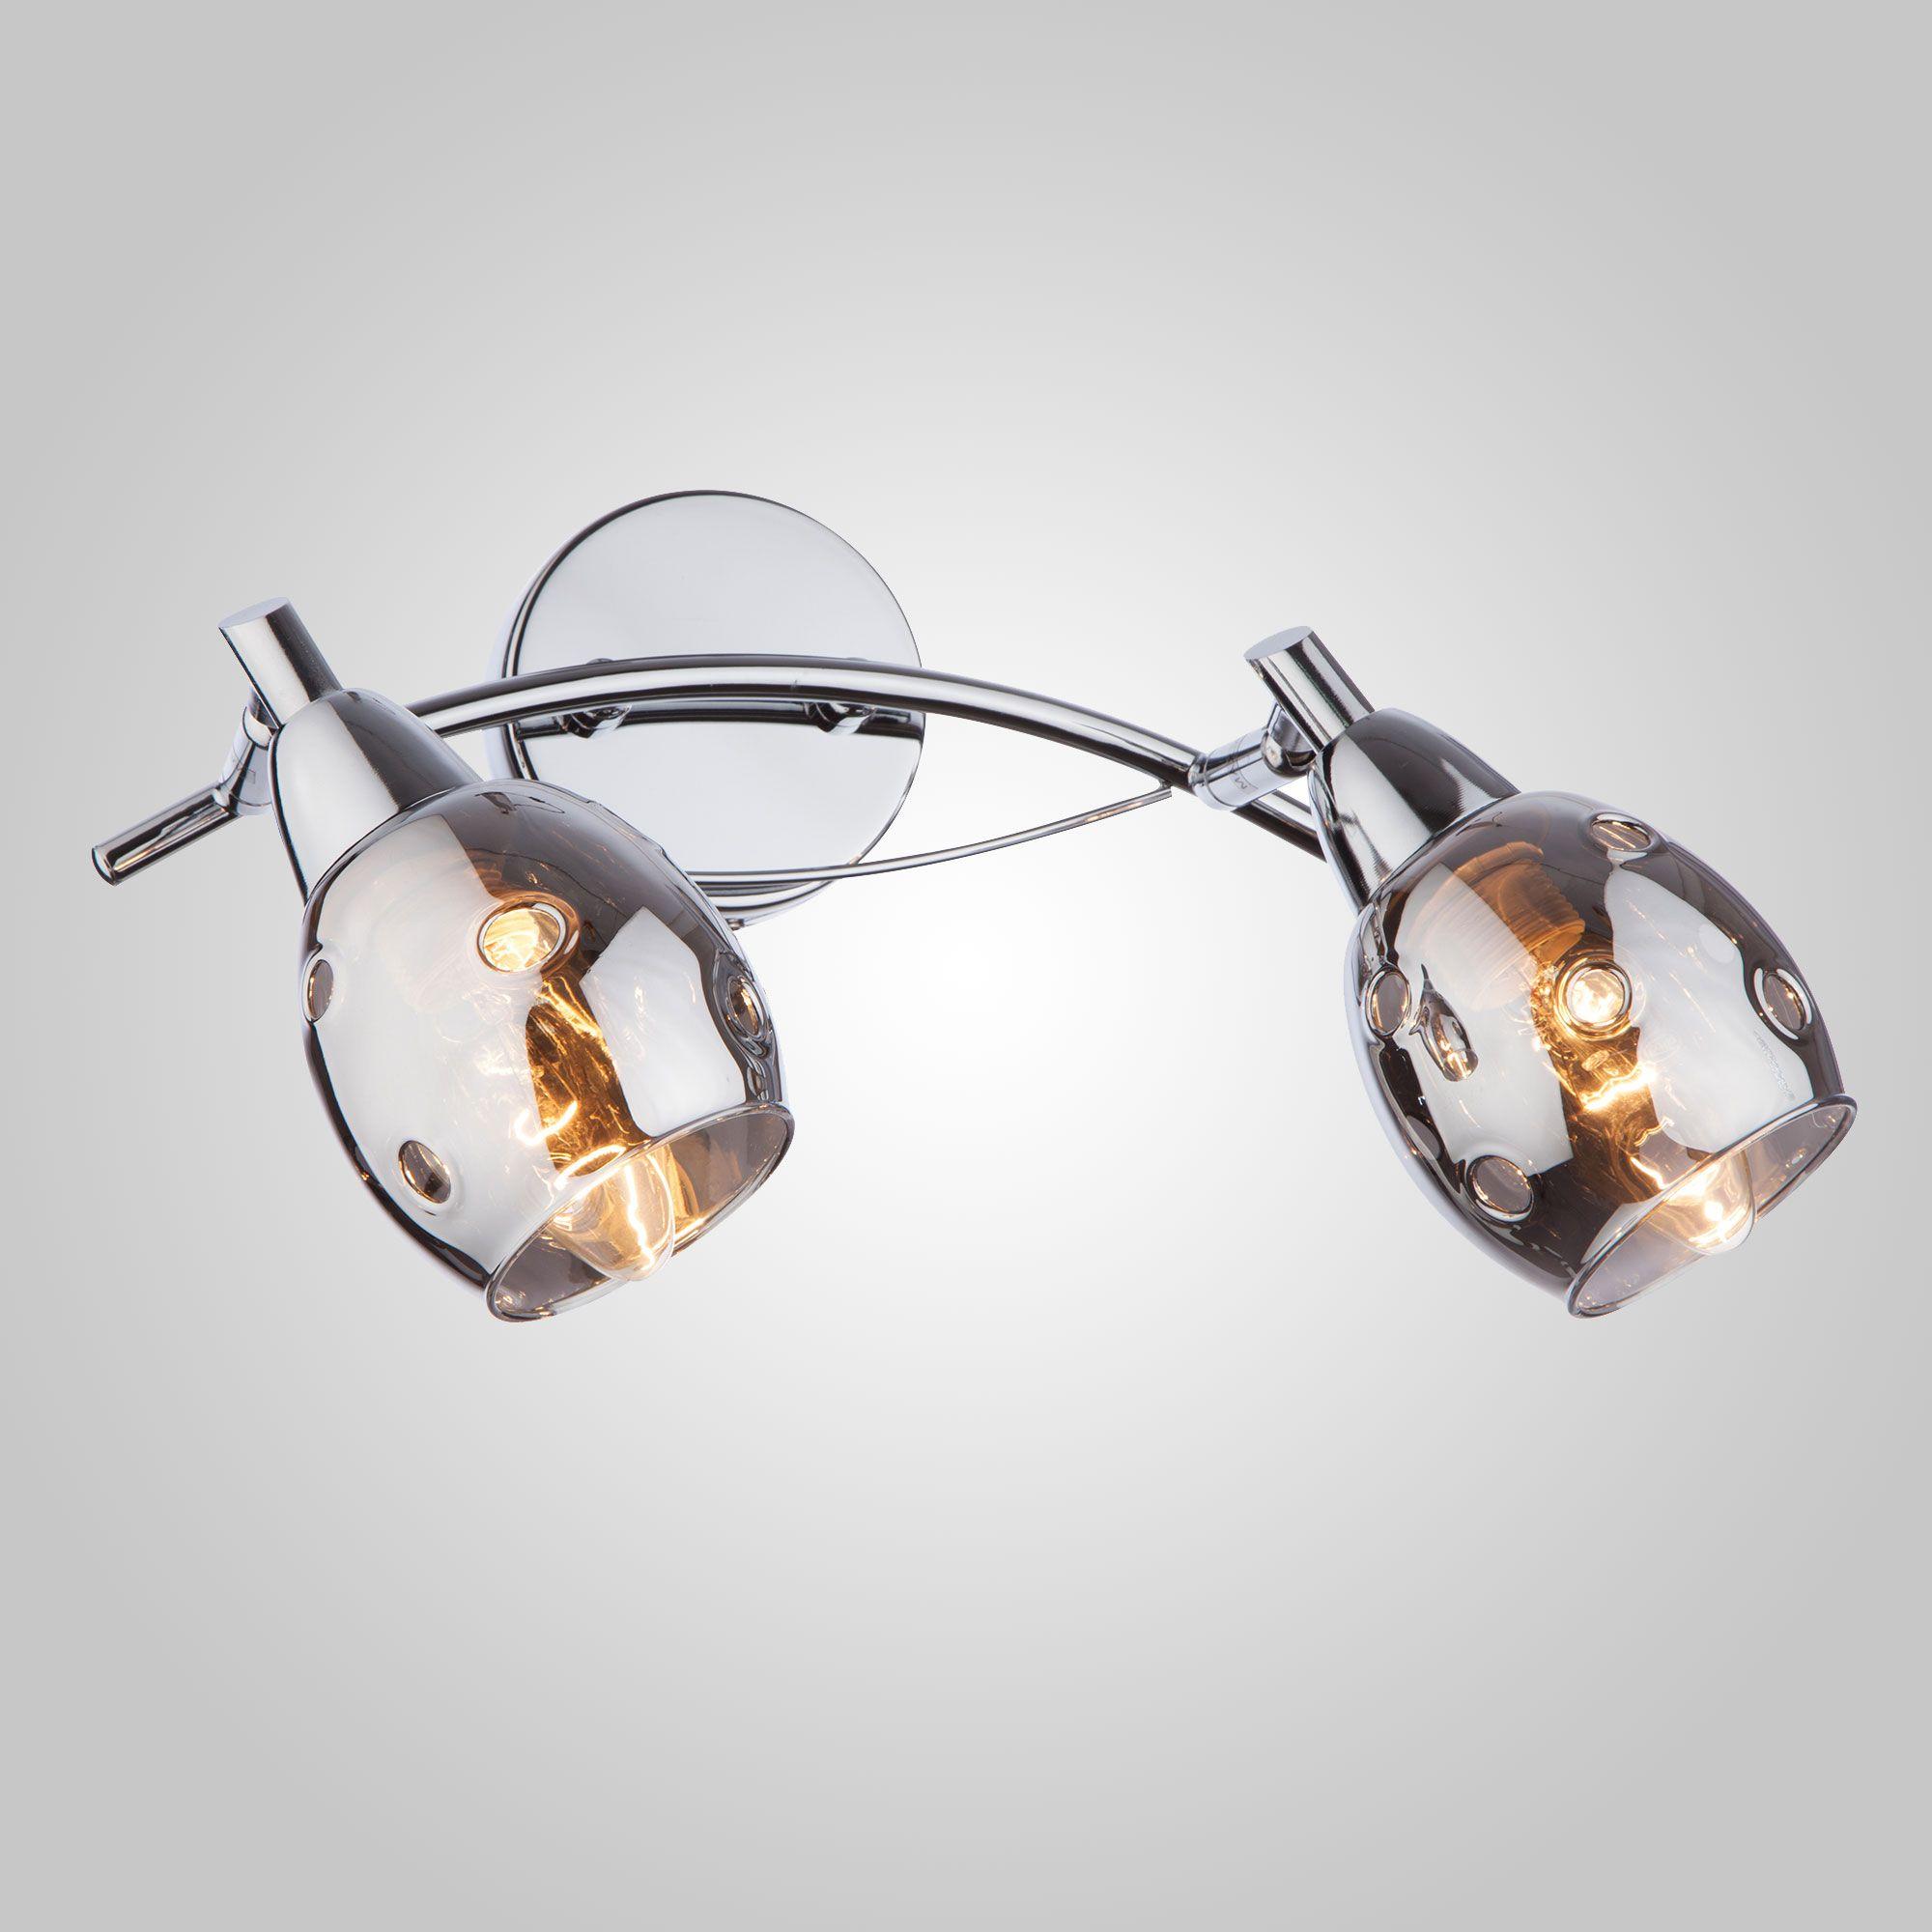 Настенный светильник с плафонами 20050/2 хром